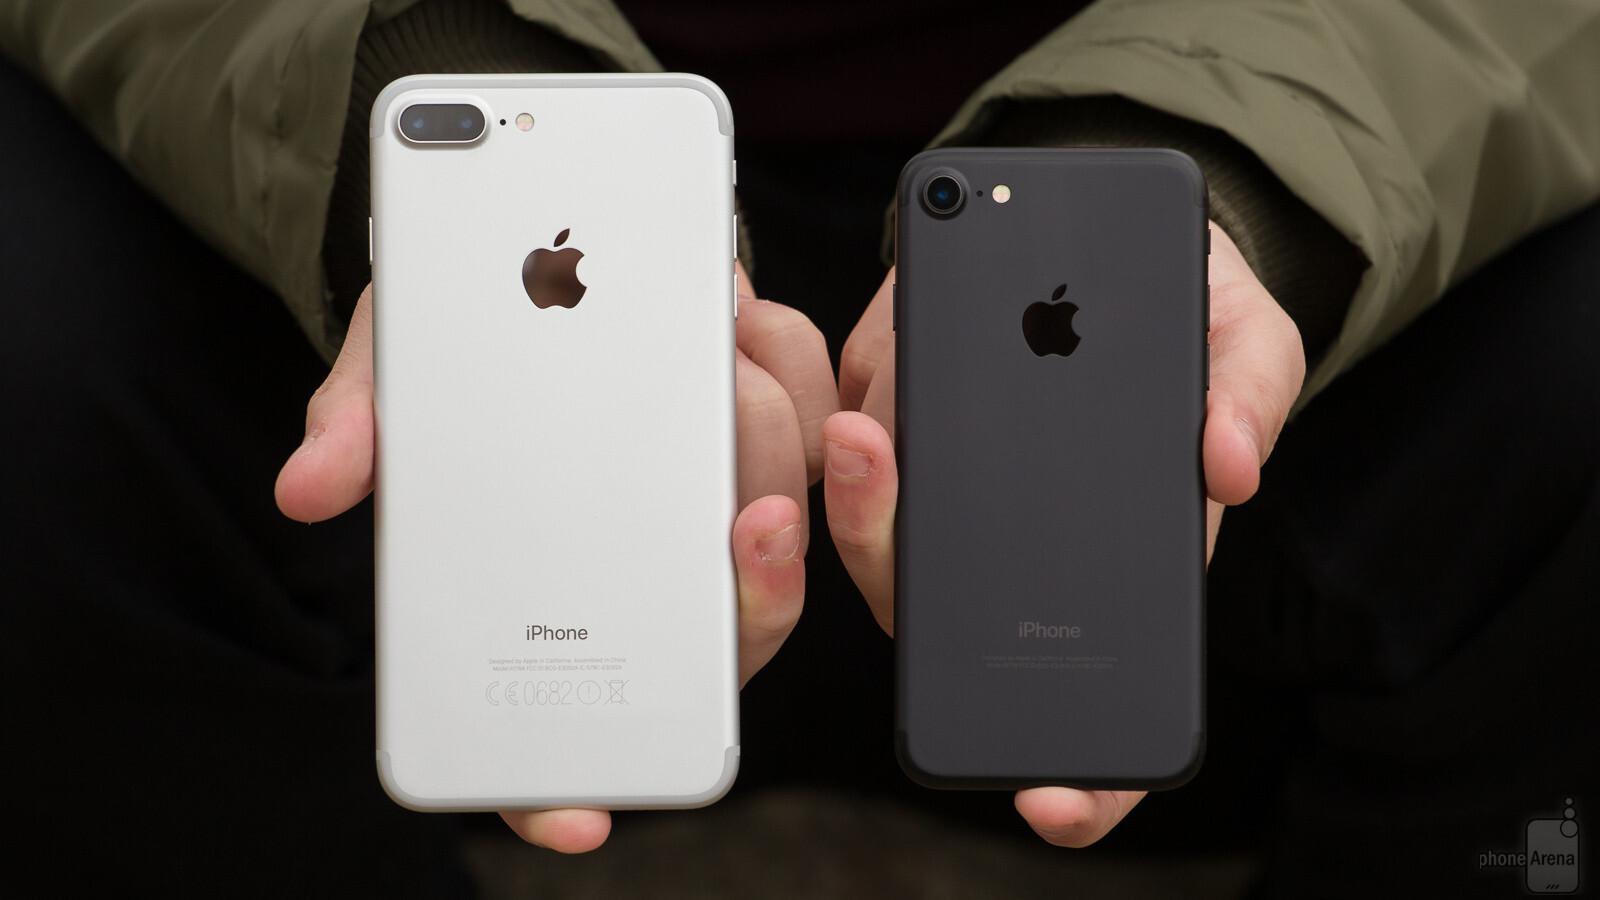 FOTOS IPHONE 7 PLUS VS IPHONE X